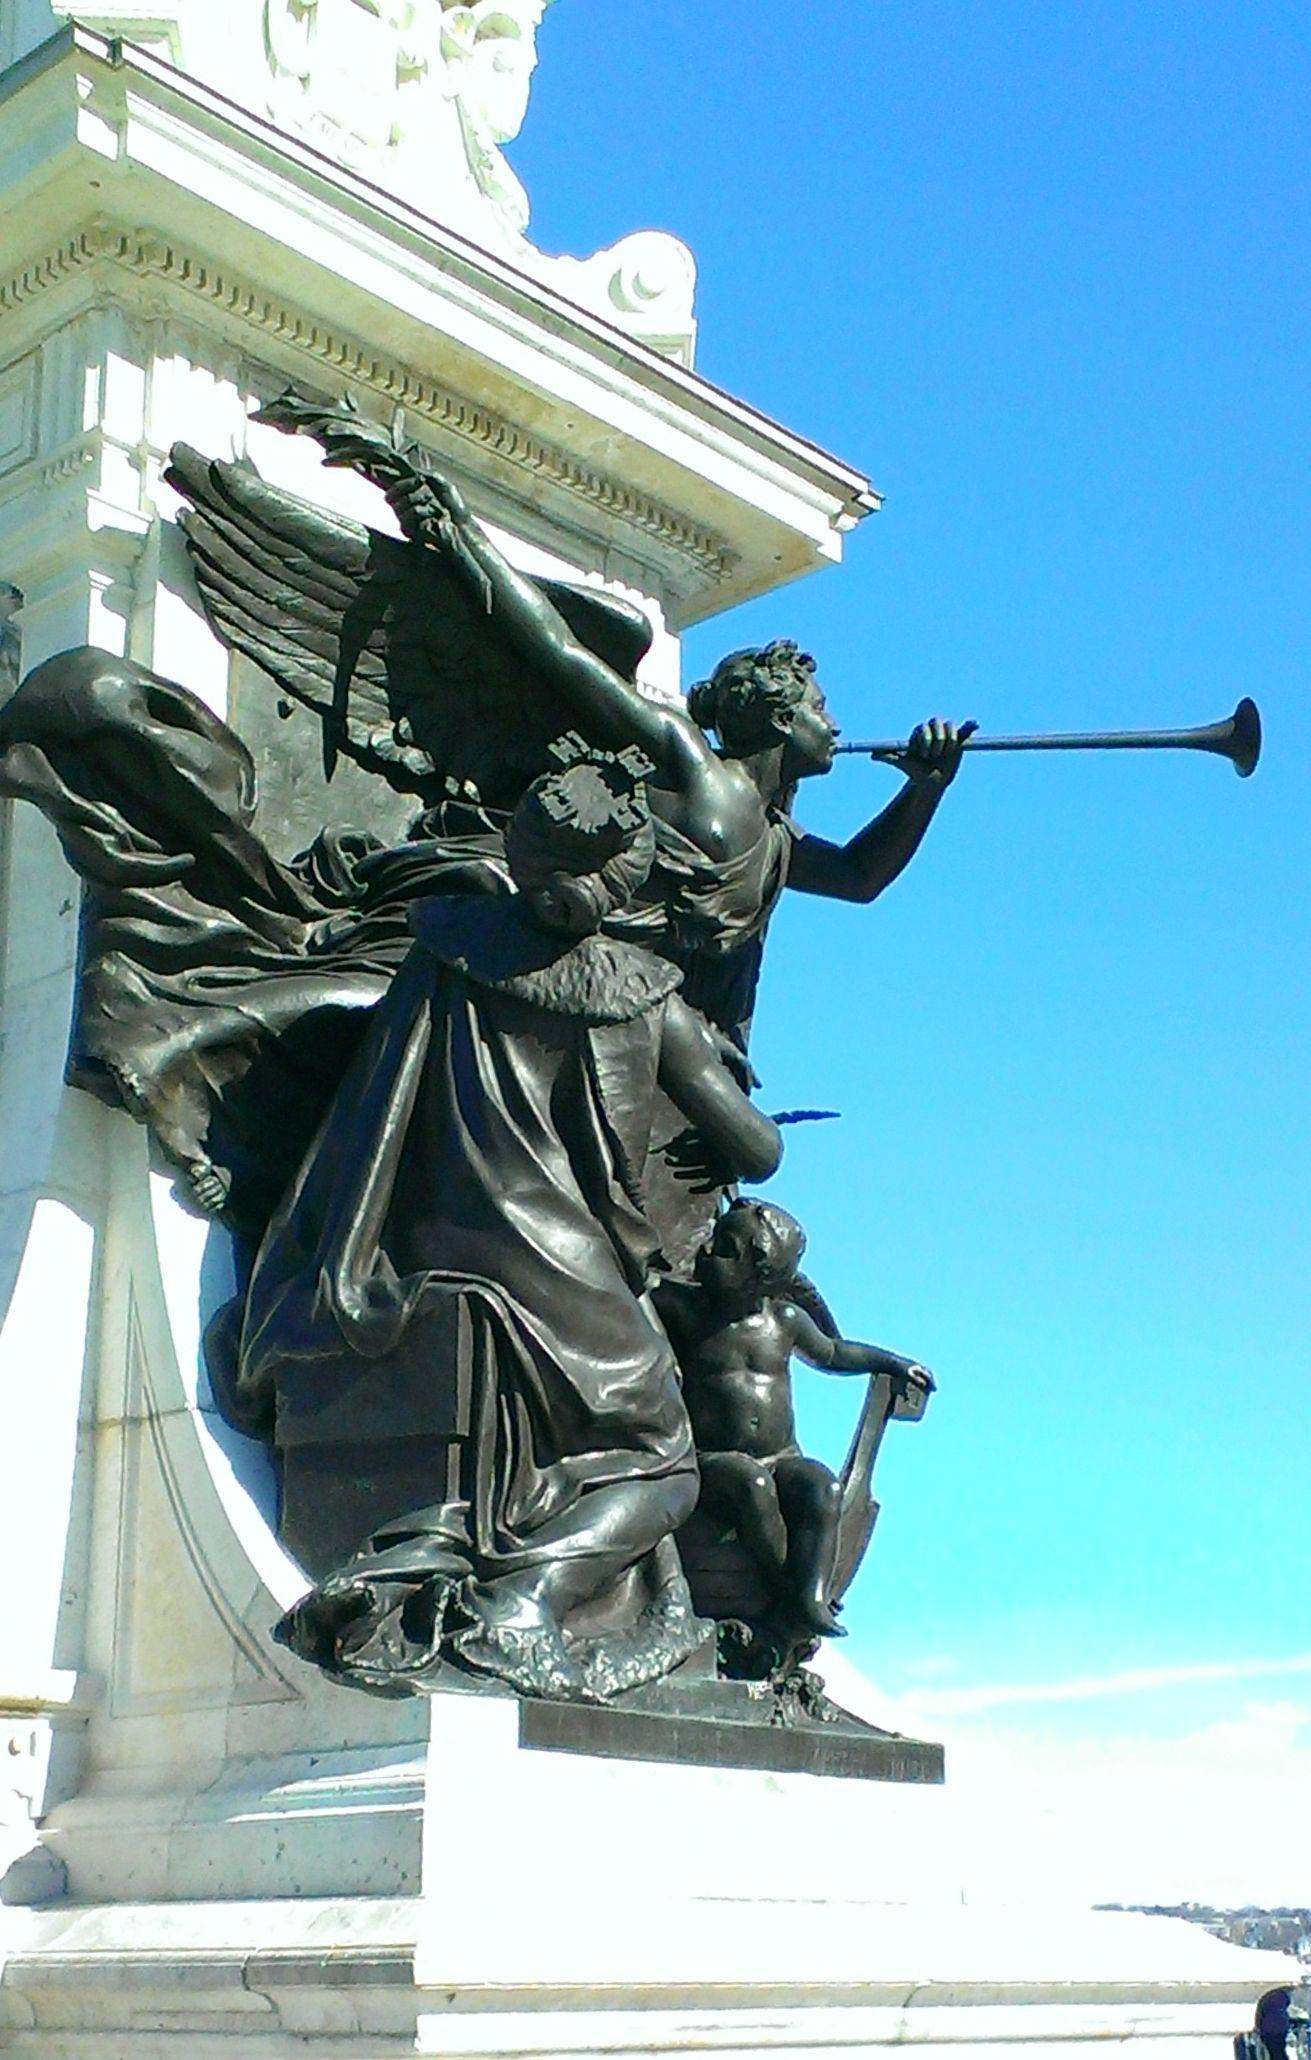 Samuel de Champlain, fondateur de la ville de Québec en 1608 Monument datant de 1898 pour les célébrations du 290ème anniversaires de la ville de Québec devant le Château Frontenac.